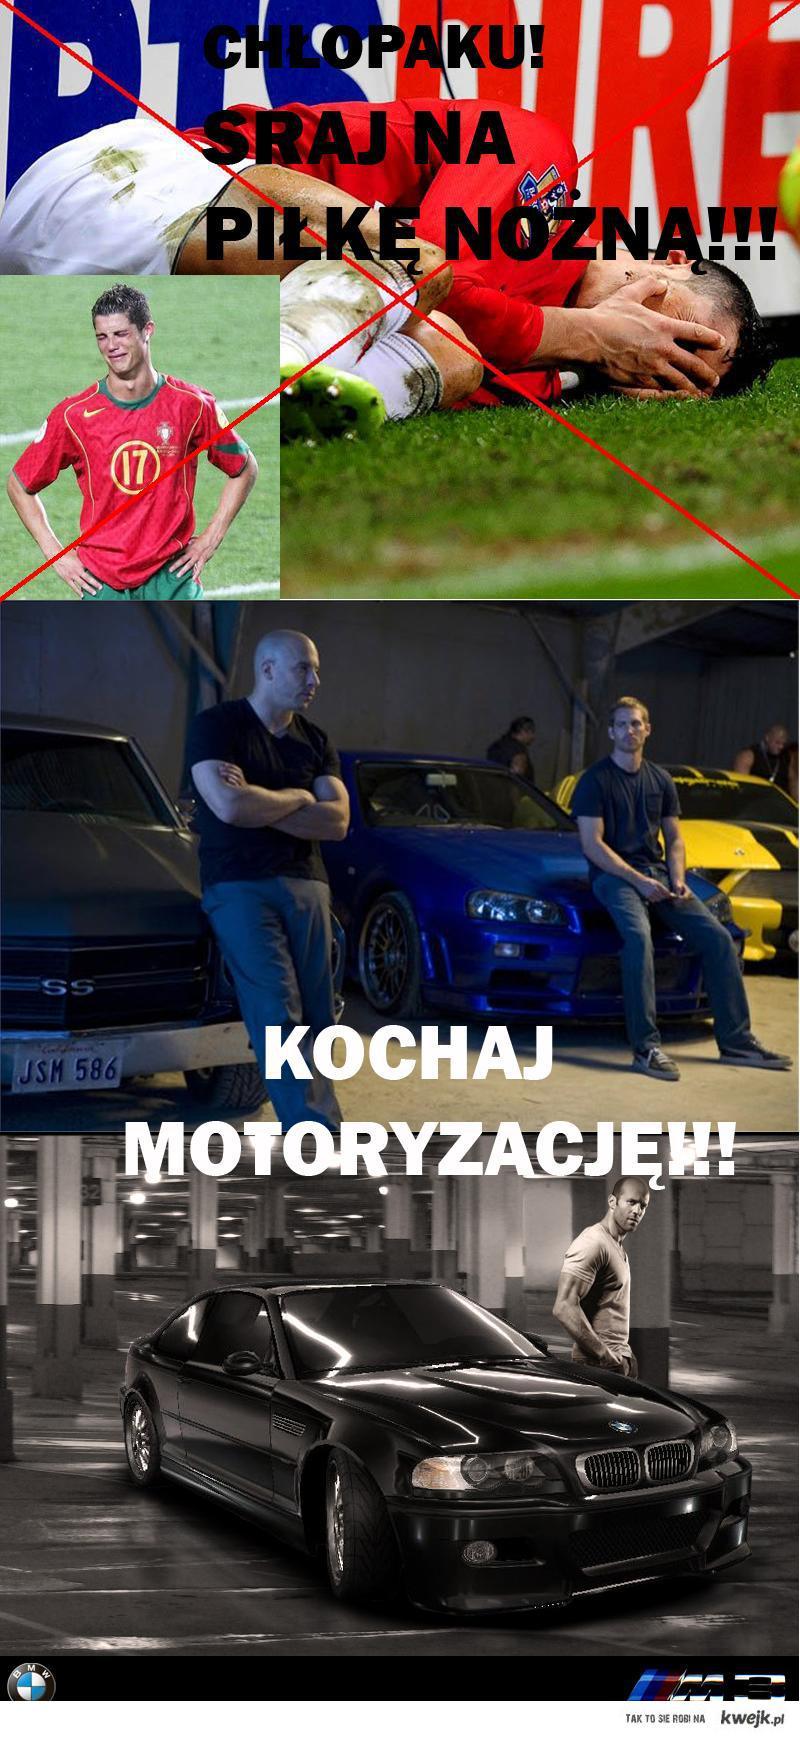 Piłka nożna vs. Motoryzacja